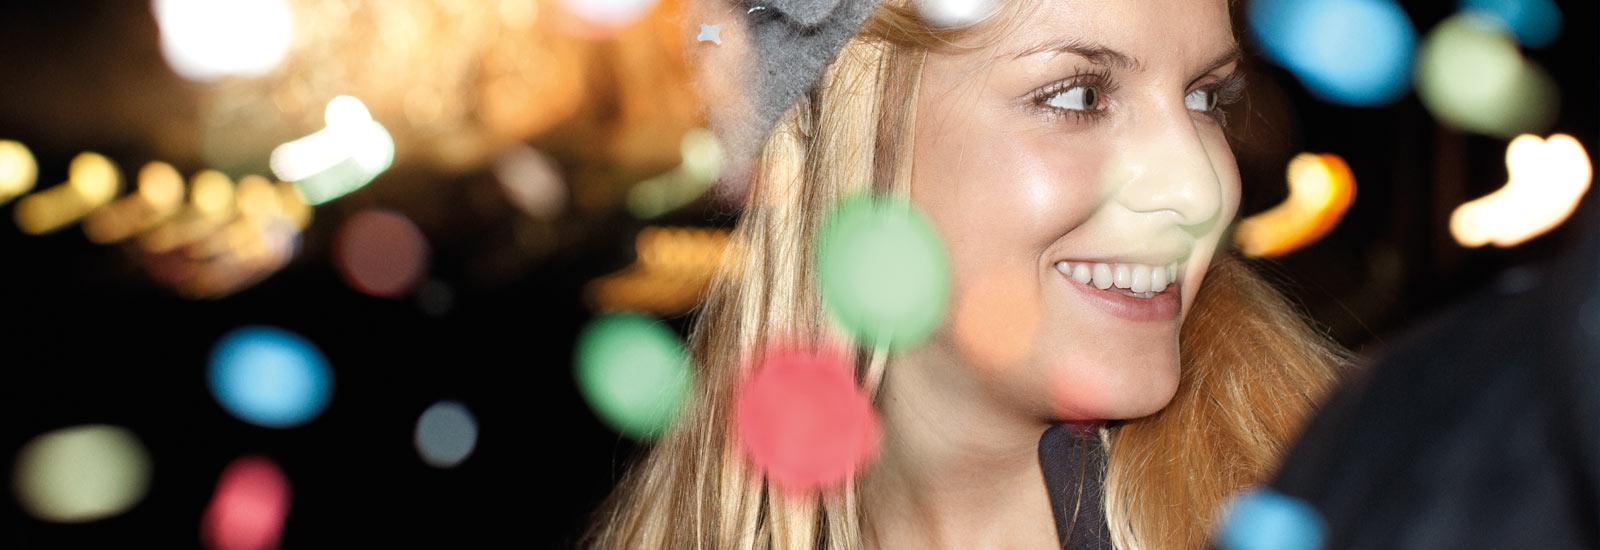 Frohes neues Jahr wünscht Ihre Volksbank Raiffeisenbank